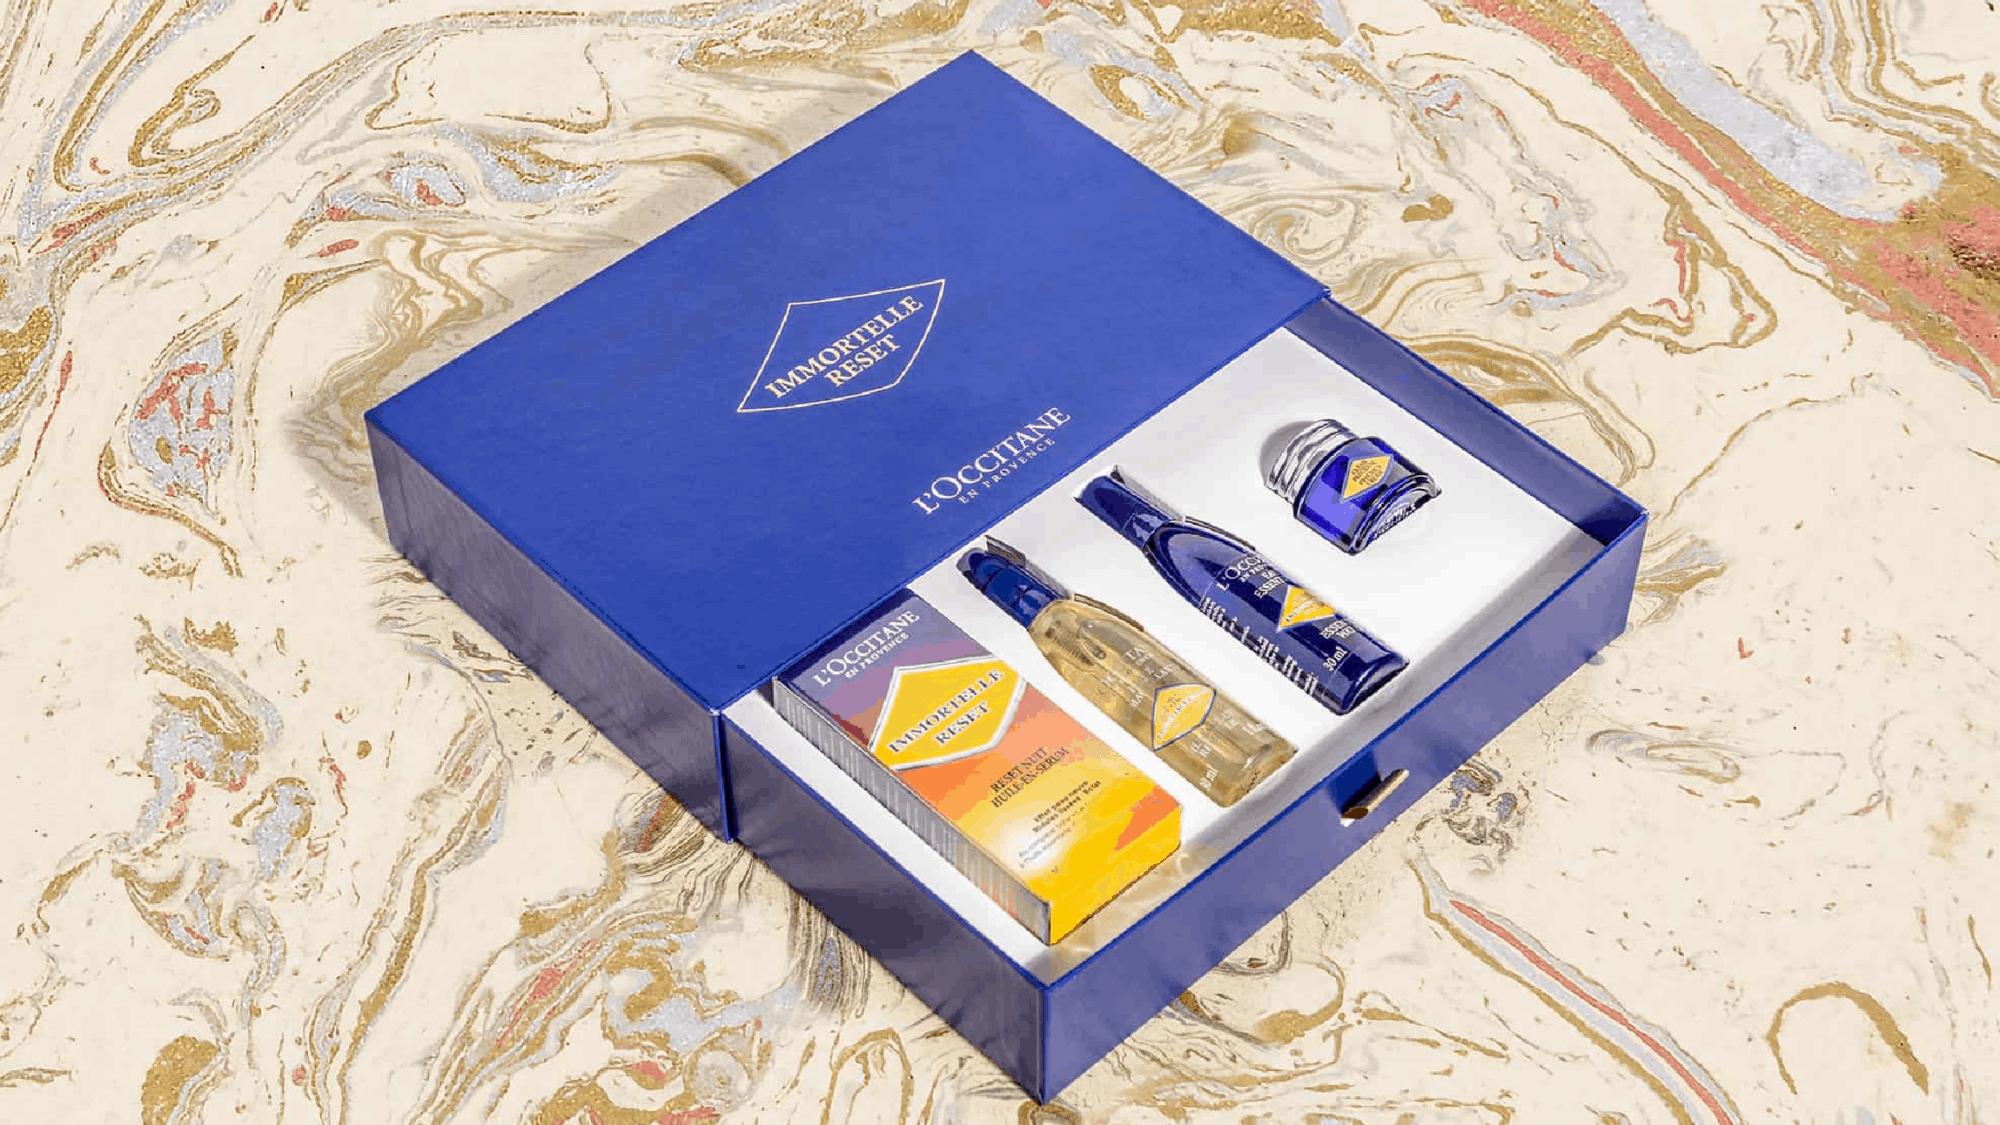 loccitane reset slipcase rigid packaging